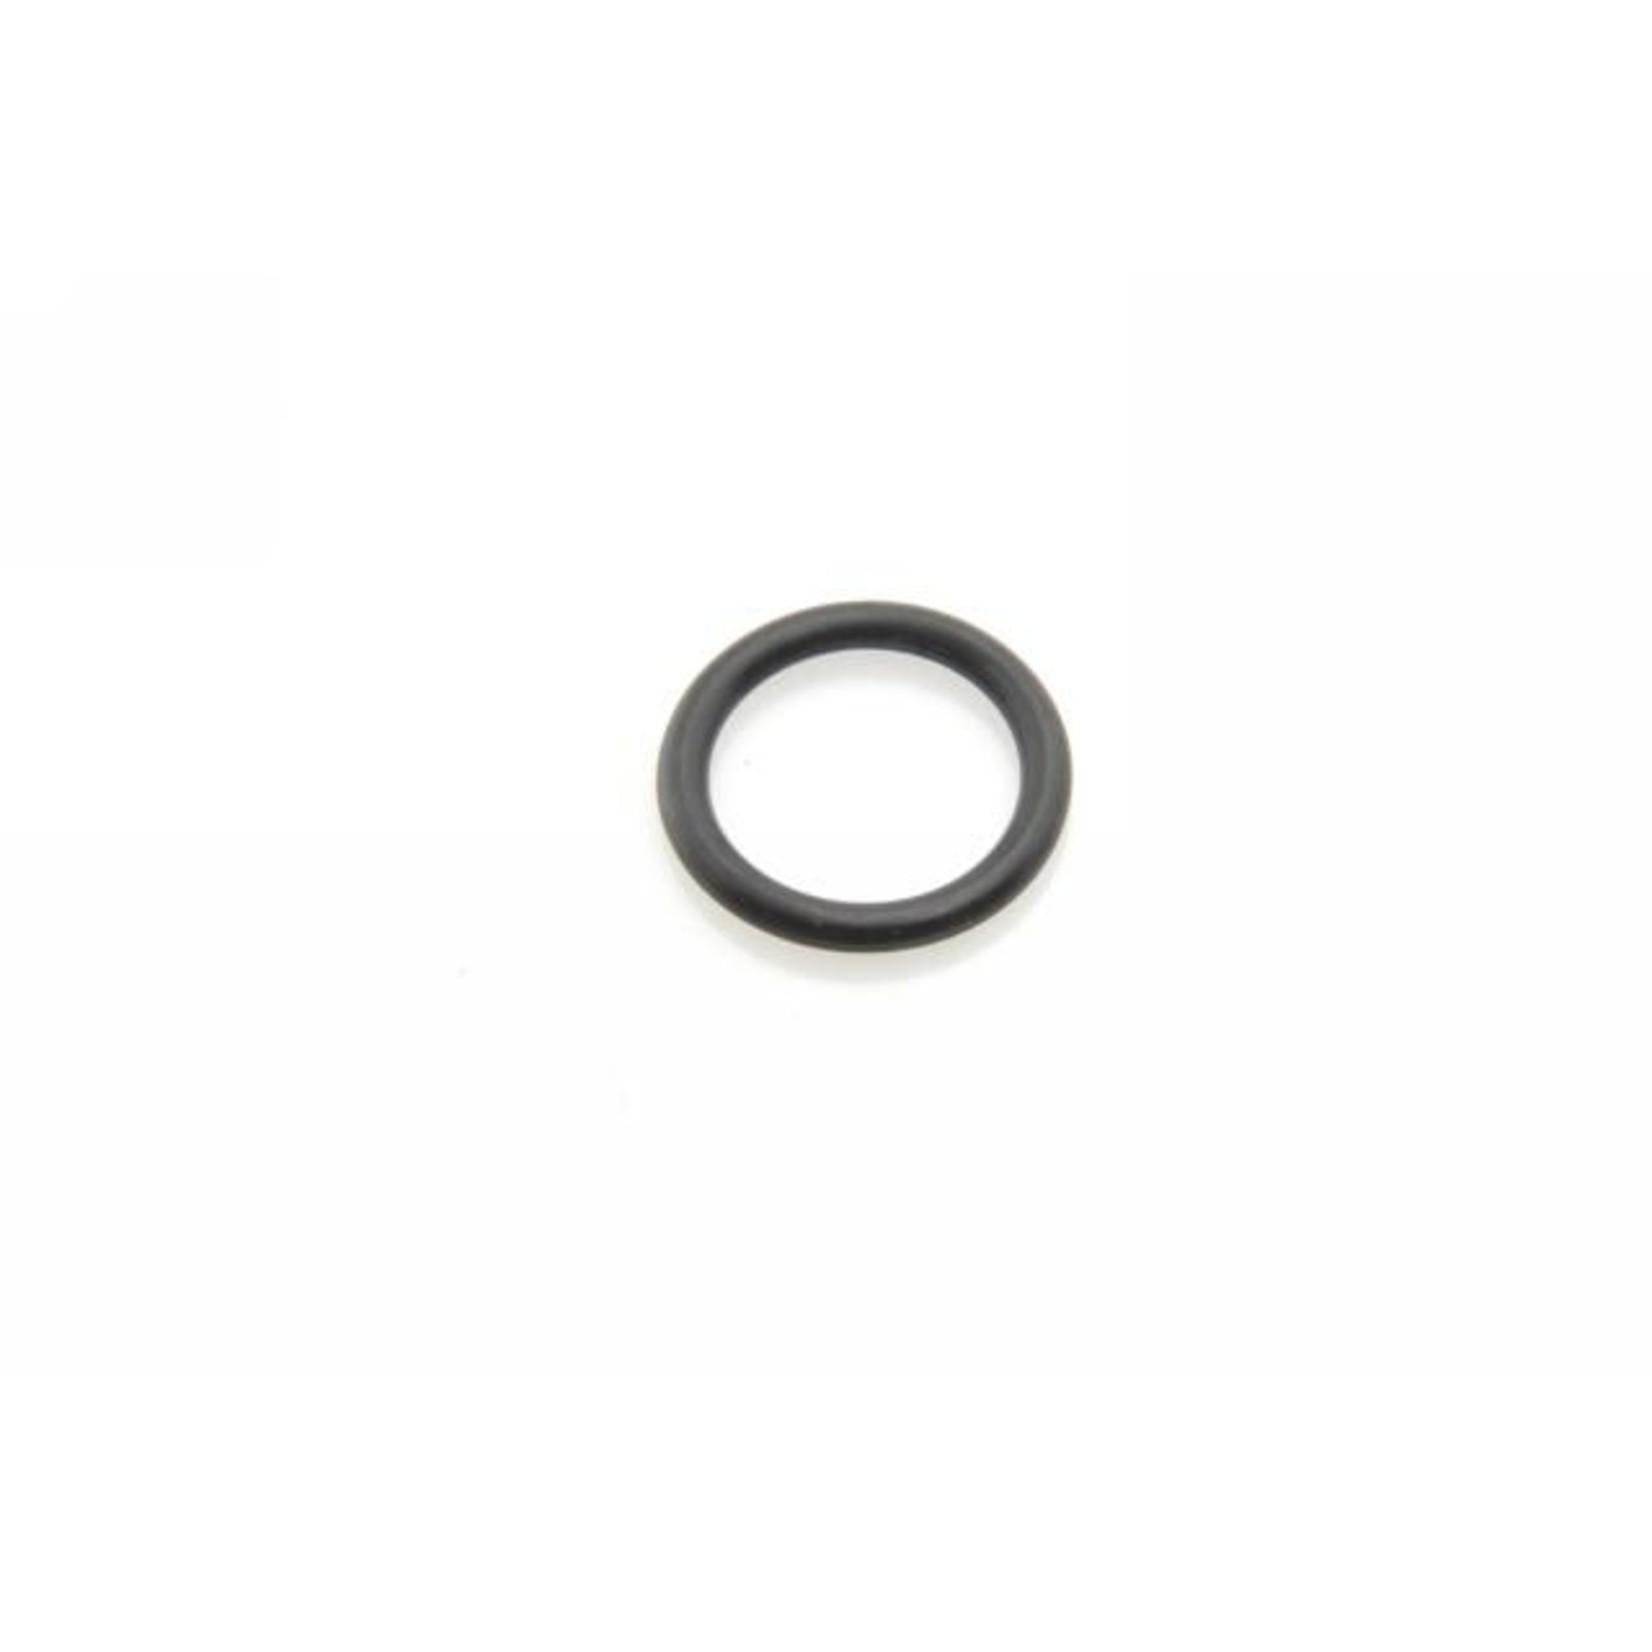 Hoofdremcilinderrubber staal o-ring Nr Org: 24822009